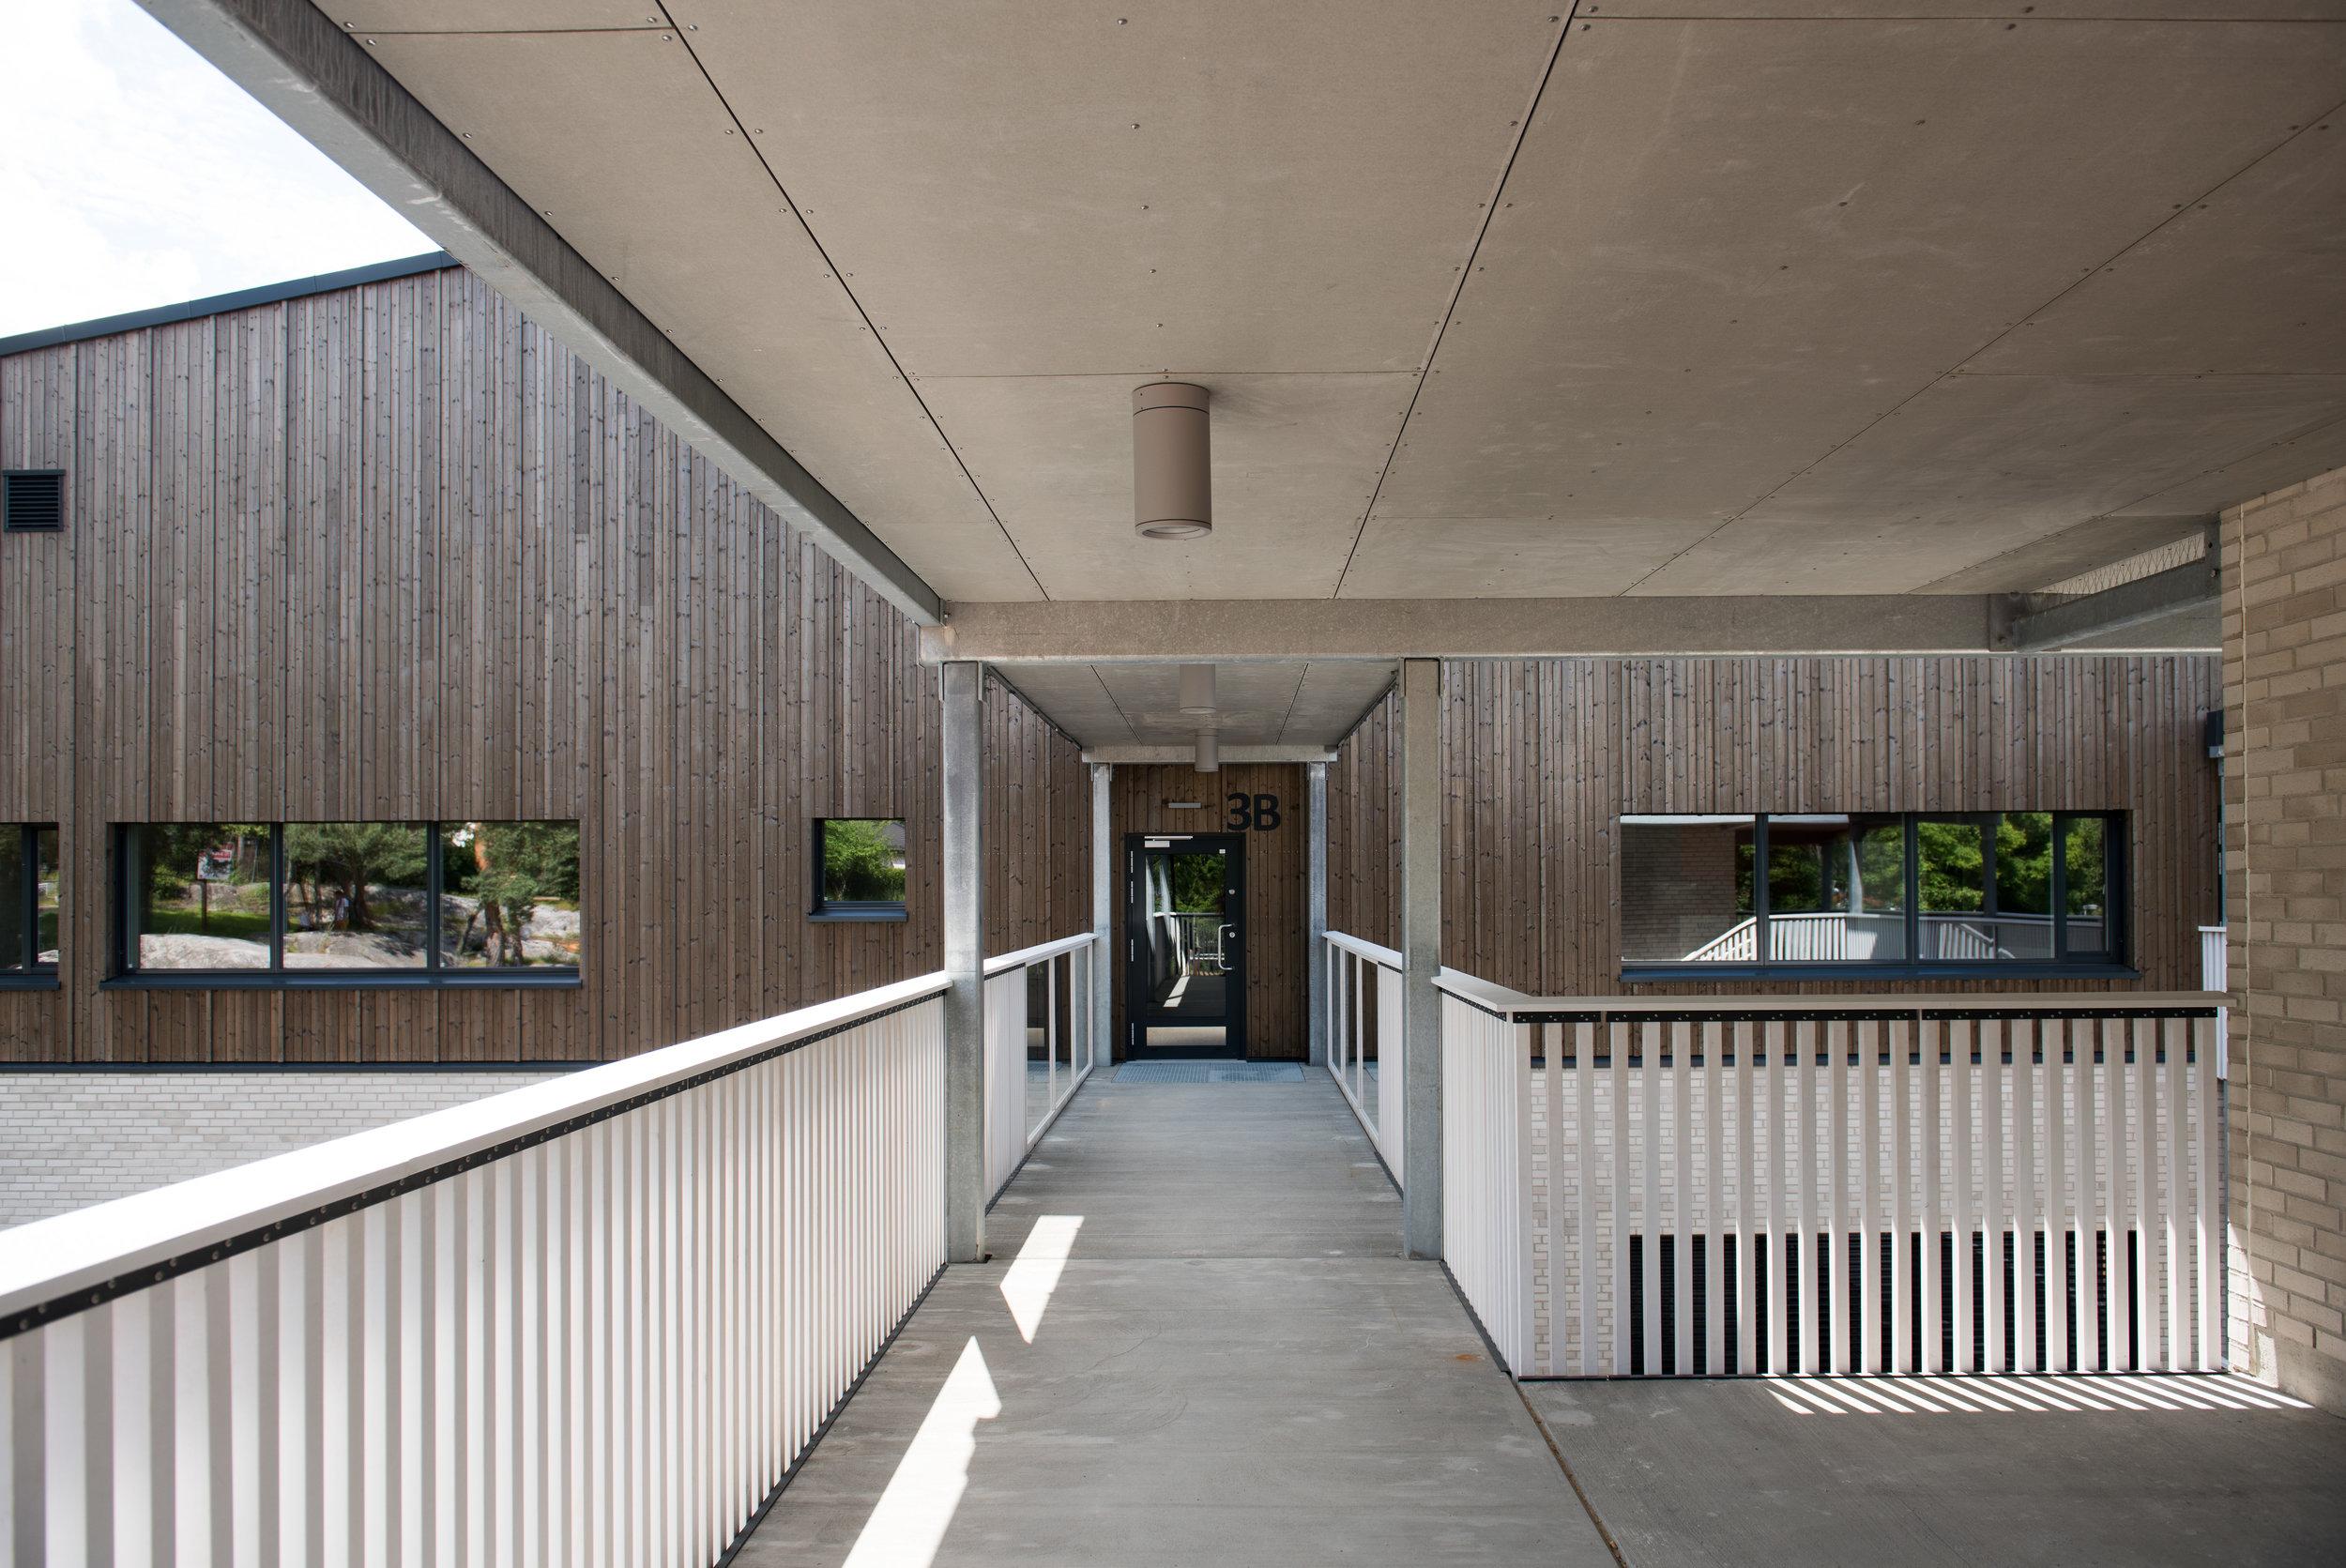 Planforum Arkitekter_Munkerud skole_Fasade 2.jpg